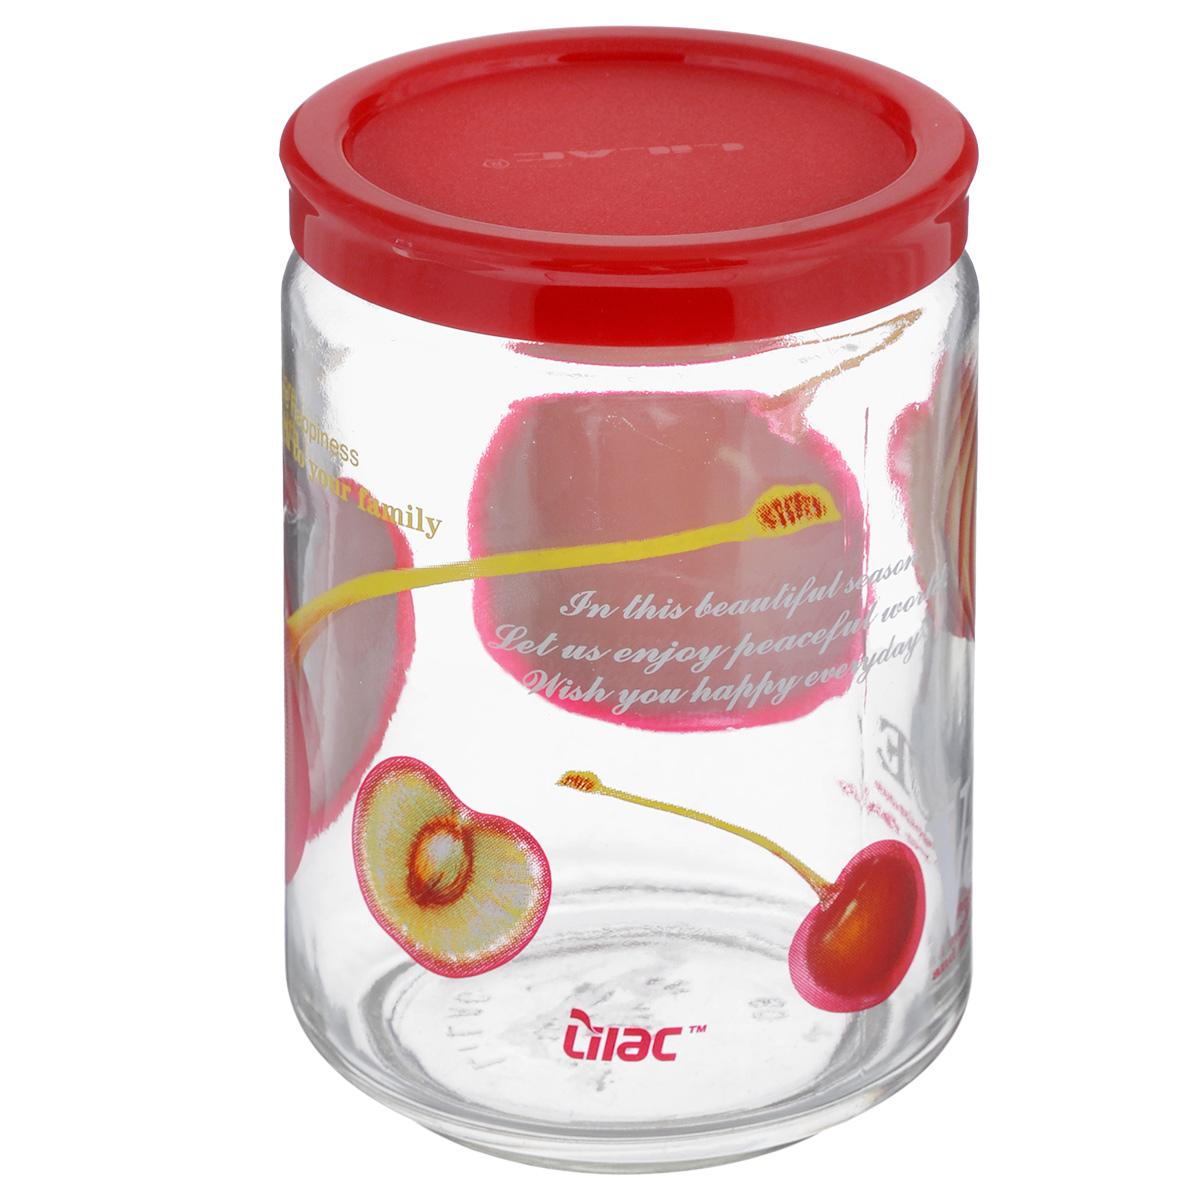 Банка для сыпучих продуктов Lilac, цвет: прозрачный, красный, 600 млLLS4600_прозрачный, красныйБанка для сыпучих продуктов Lilac изготовлена из прочного стекла и декорирована красочным рисунком. Банка оснащена плотно закрывающейся пластиковой крышкой. Благодаря этому внутри сохраняется герметичность и продукты дольше остаются свежими. Изделие предназначено для хранения различных сыпучих продуктов: круп, чая, сахара, орехов и многого другого. Функциональная и вместительная, такая банка станет незаменимым аксессуаром на любой кухне. Не рекомендуется мыть в посудомоечной машине. Диаметр (по верхнему краю): 6 см. Высота банки (без учета крышки): 12,5 см.